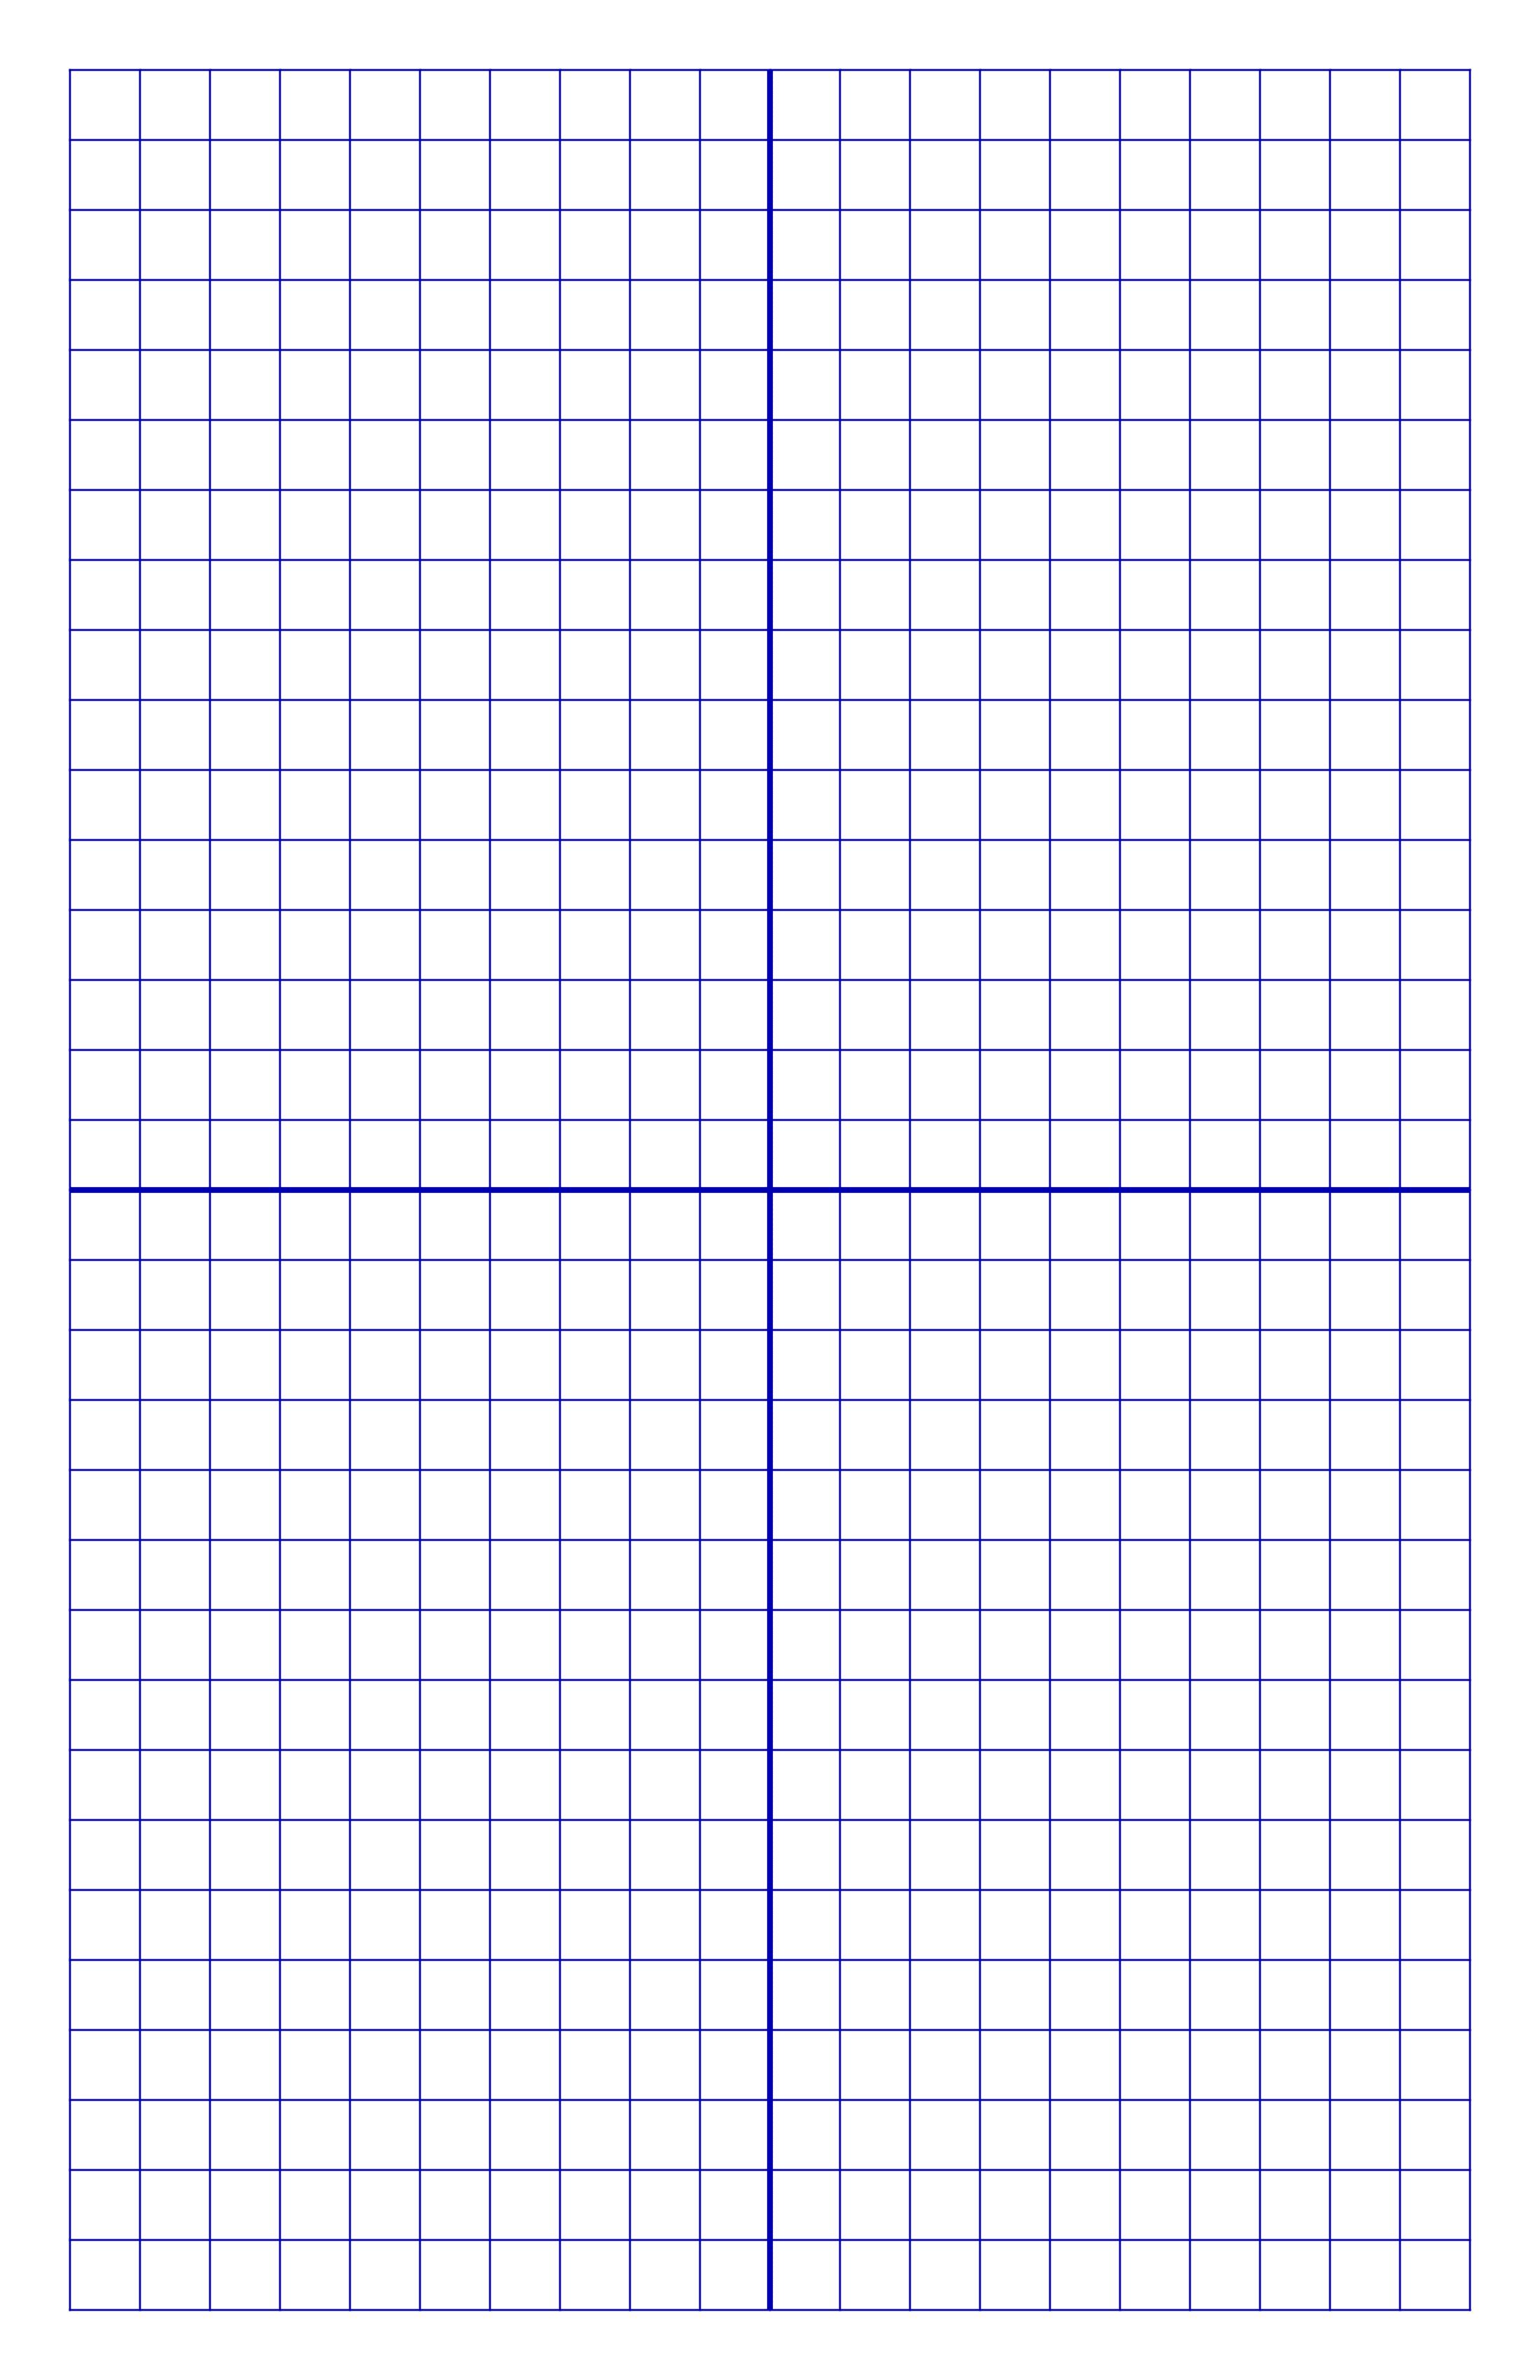 Free Online Graph Paper / Plain regarding 12 X 30 Grid Png